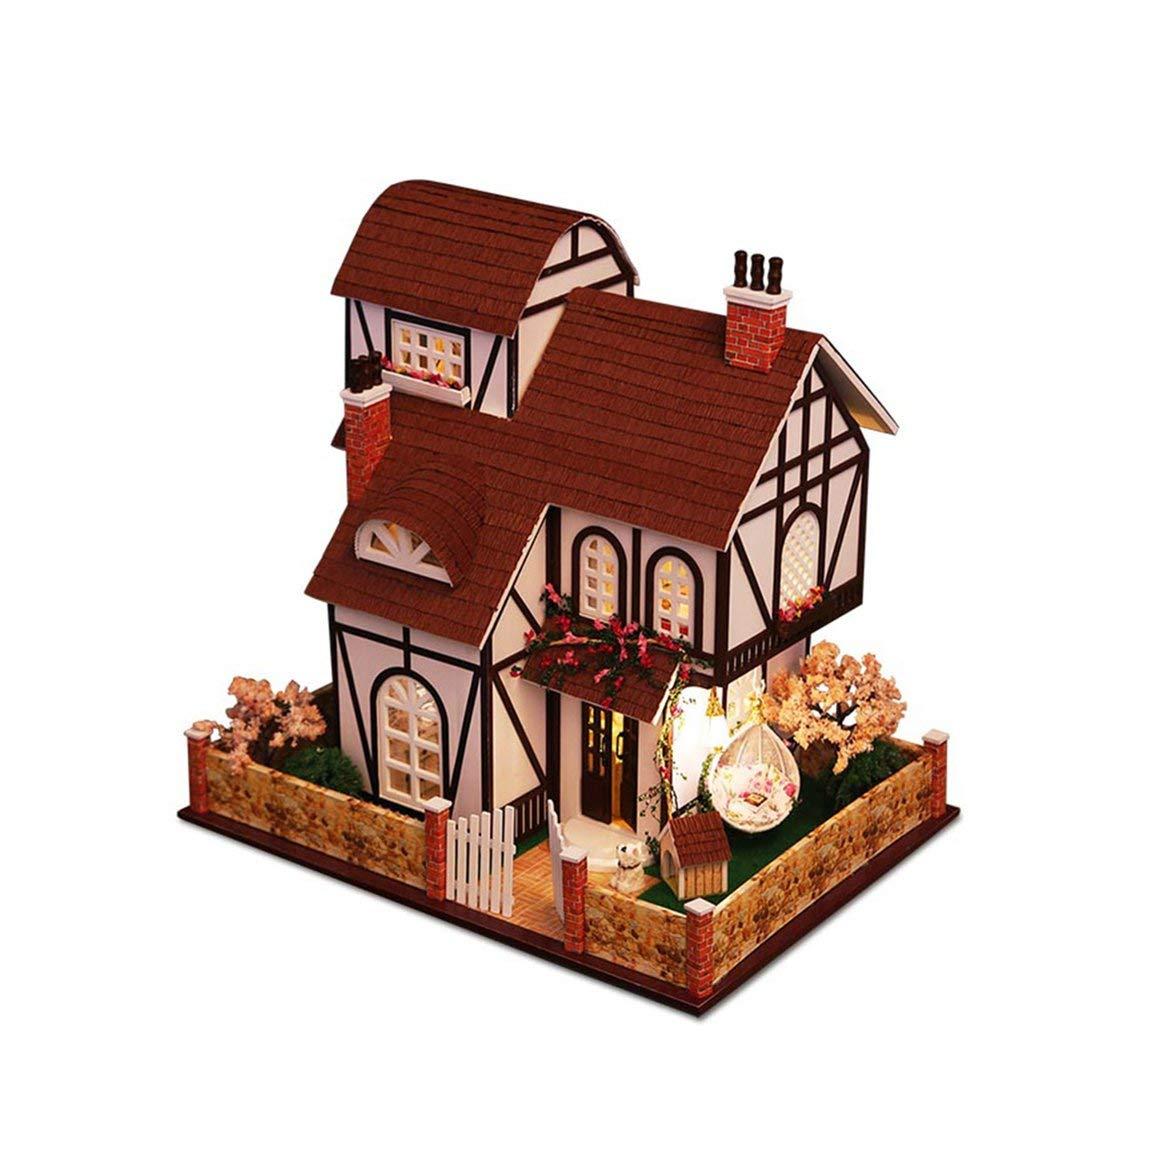 Delicacydex Kits Miniatura casa de muñecas DIY 3D Casa de muñecas de Madera de construcción de Modelos de Muebles Regalos Juguetes Niños cumpleaños de la Flor Town